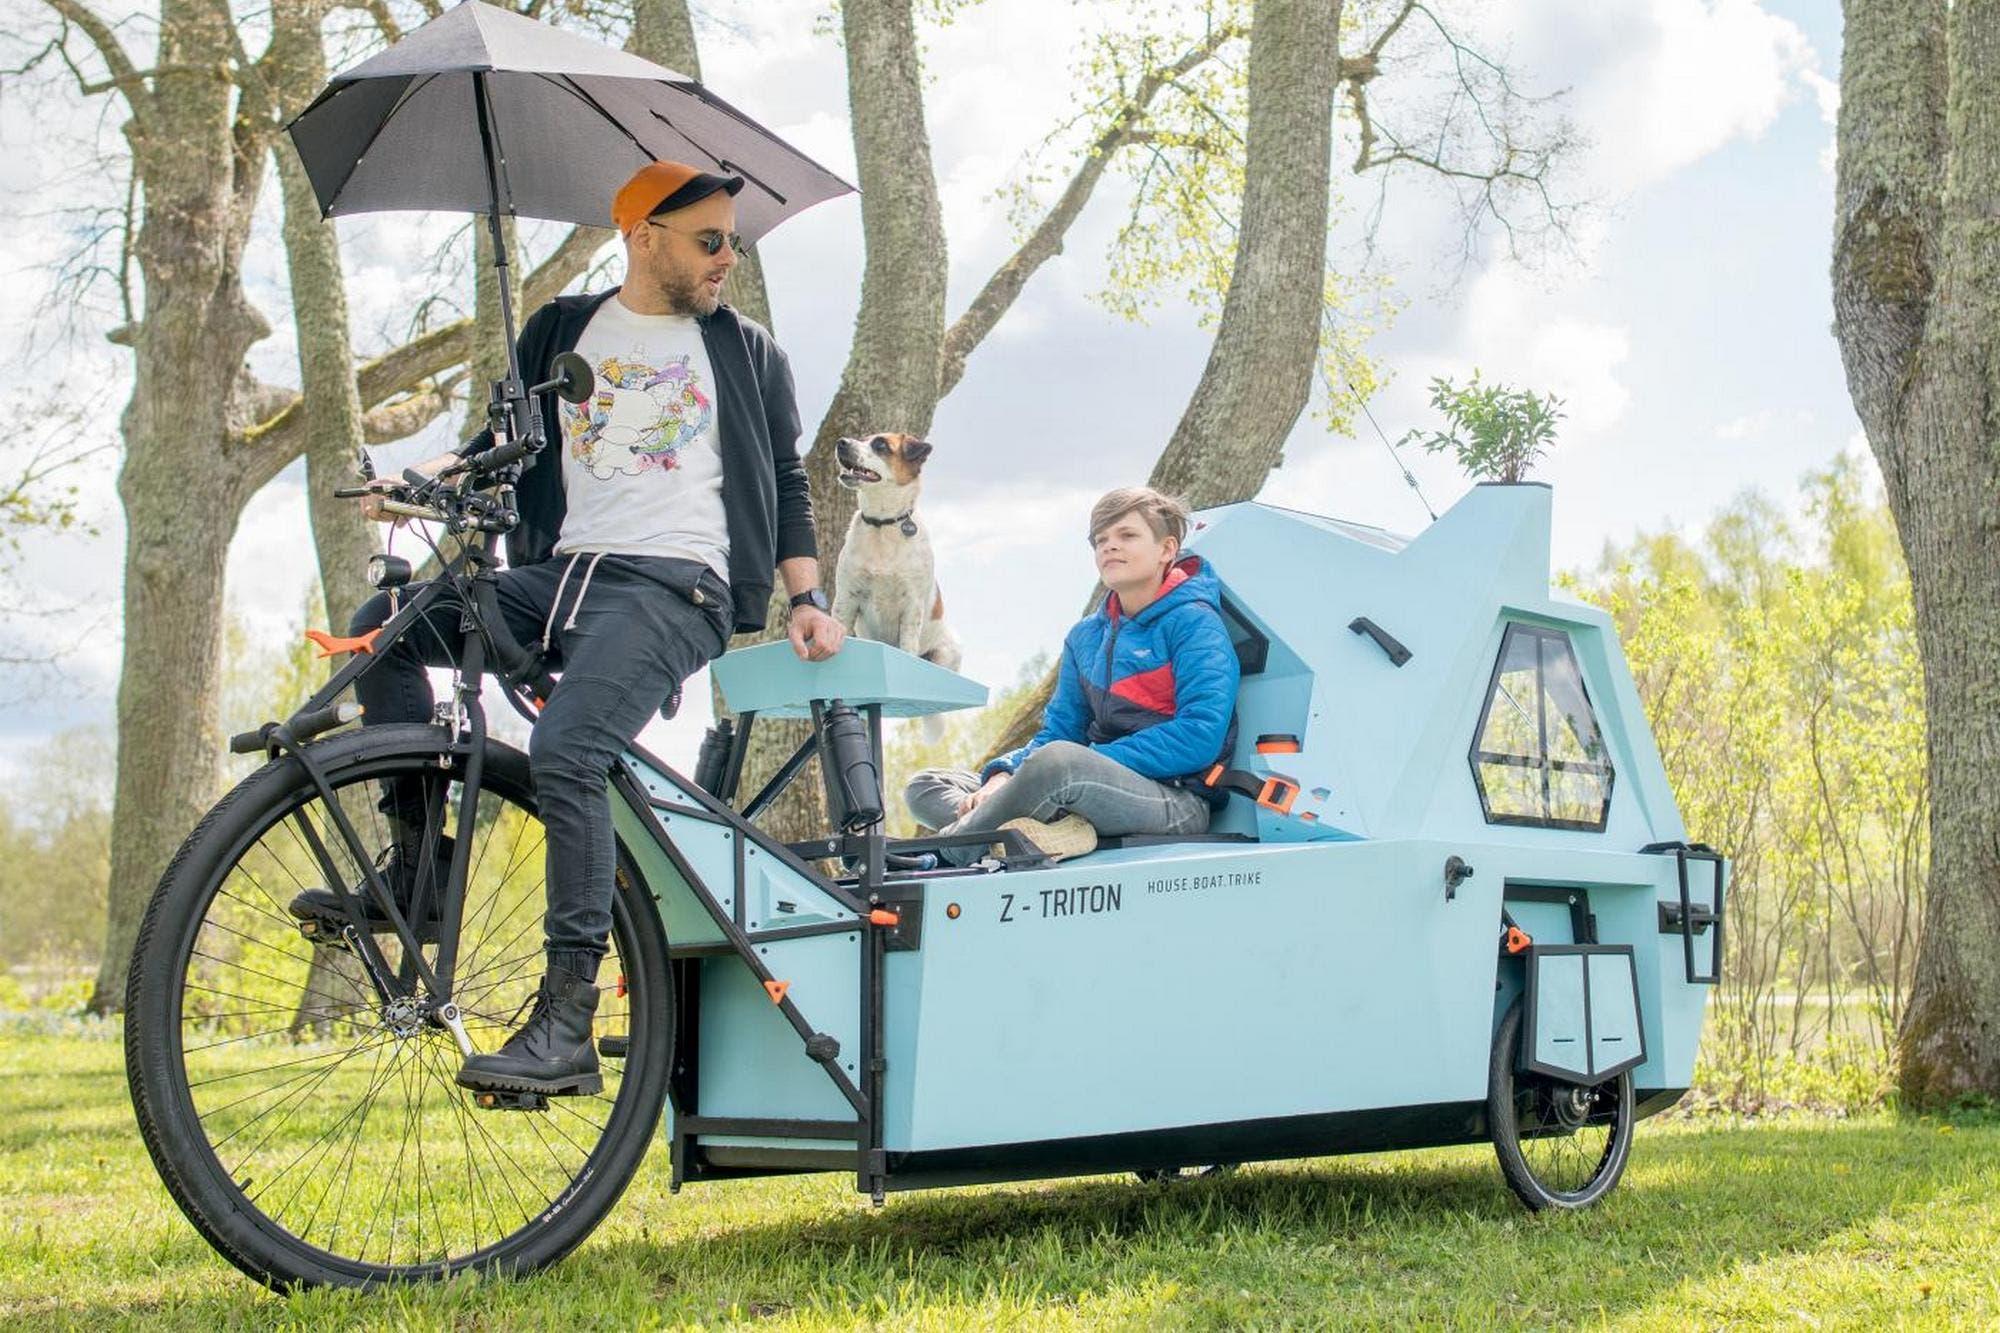 Z-Triton: esta es la casa rodante tecnológica que es también una bicicleta, un barco y un refugio